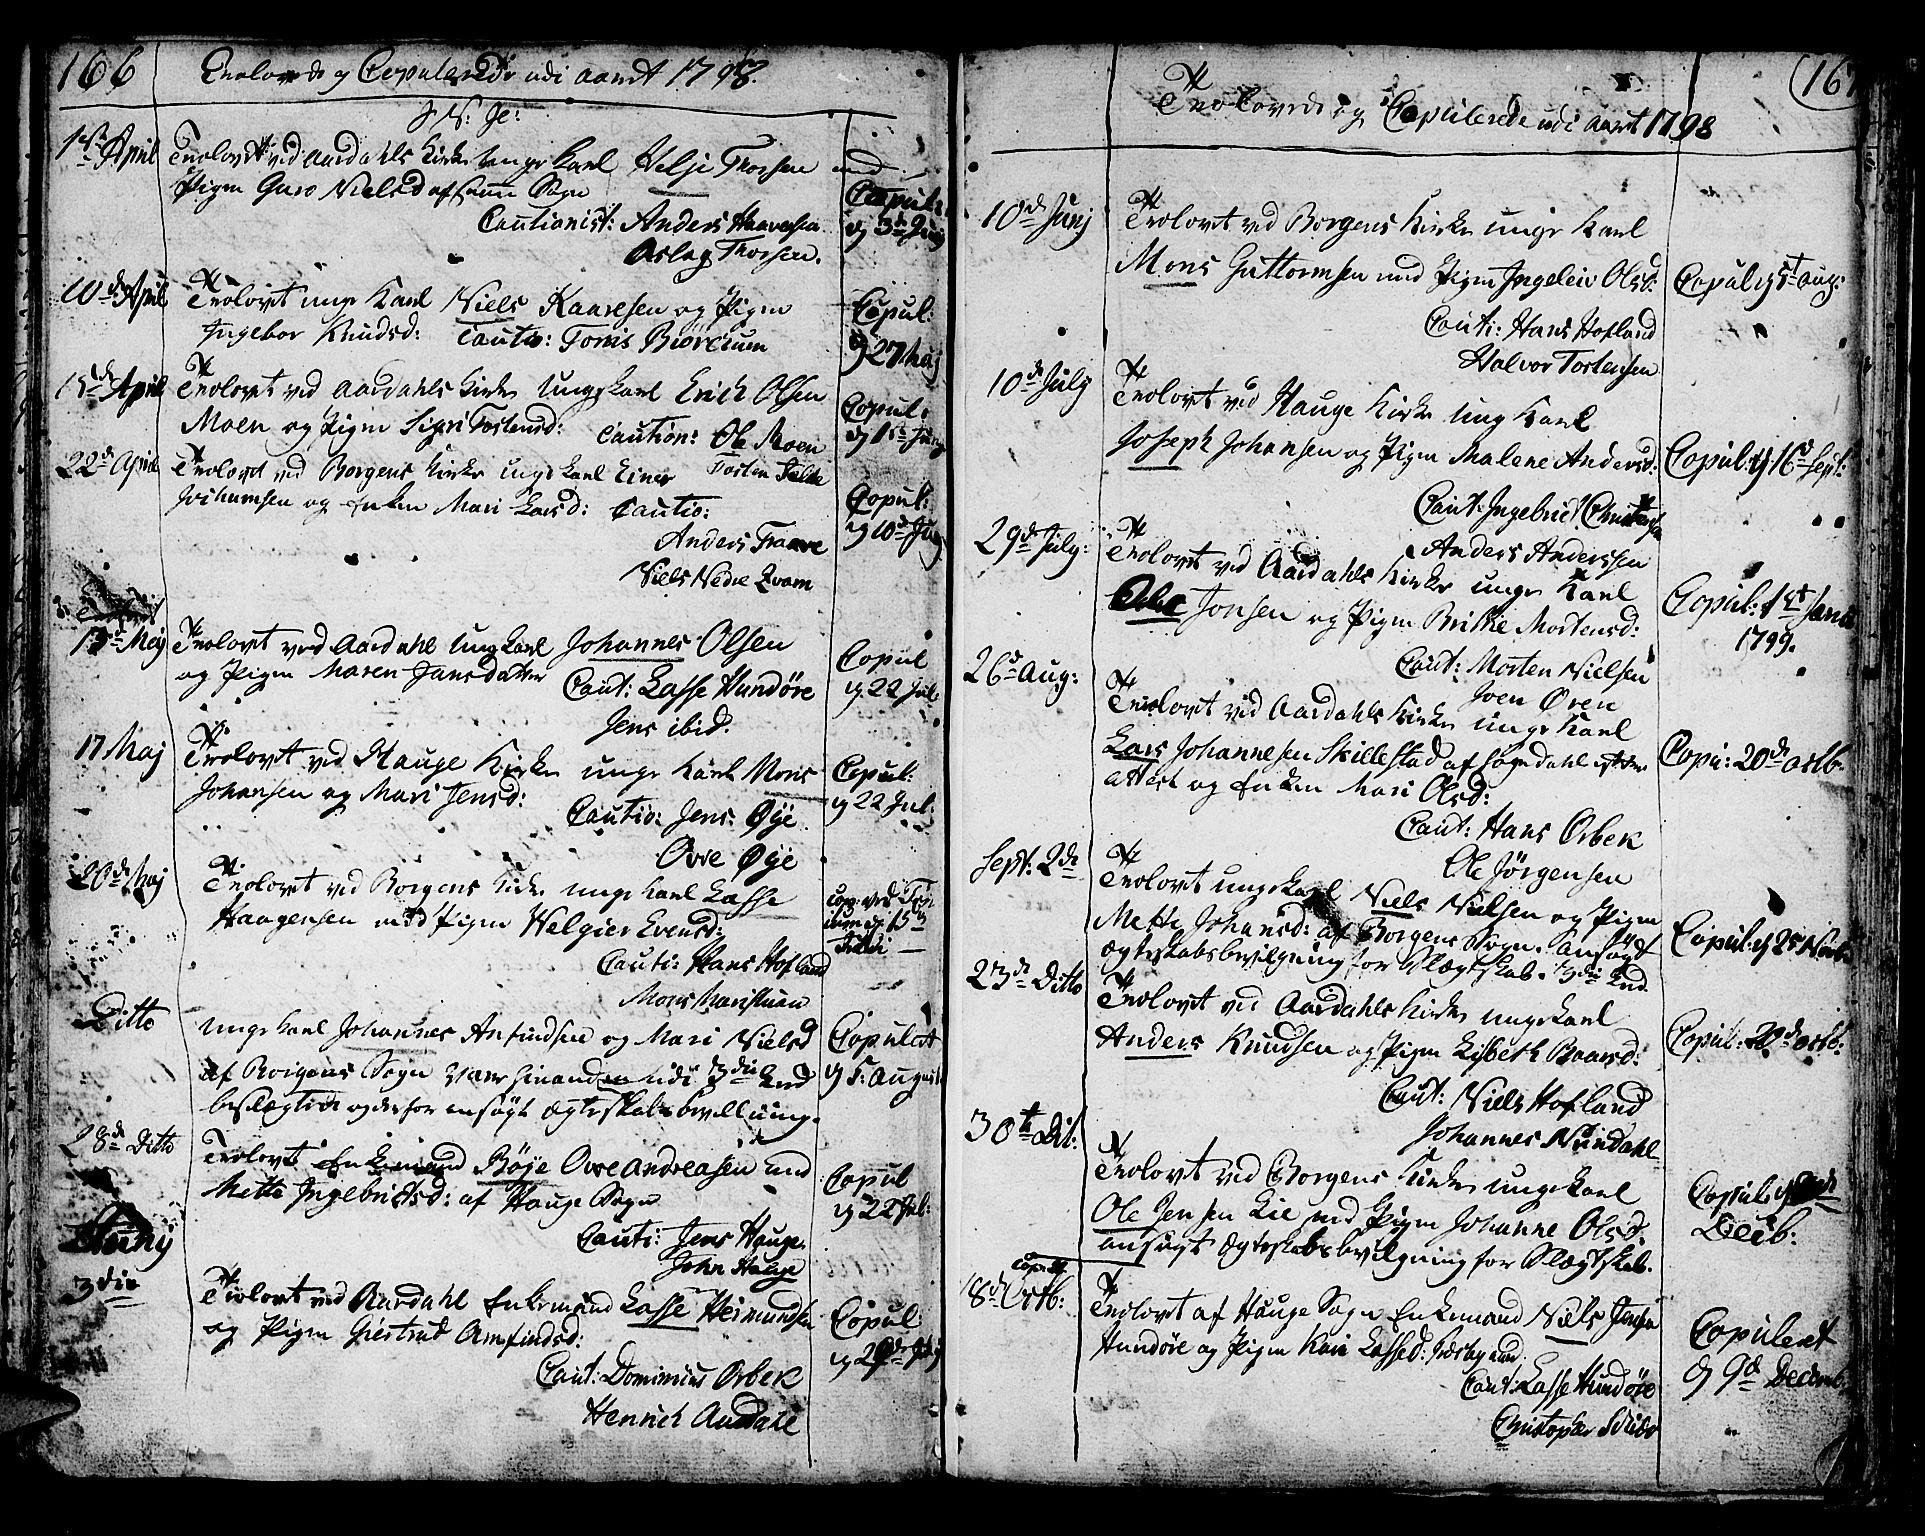 SAB, Lærdal sokneprestembete, Ministerialbok nr. A 3, 1783-1804, s. 167